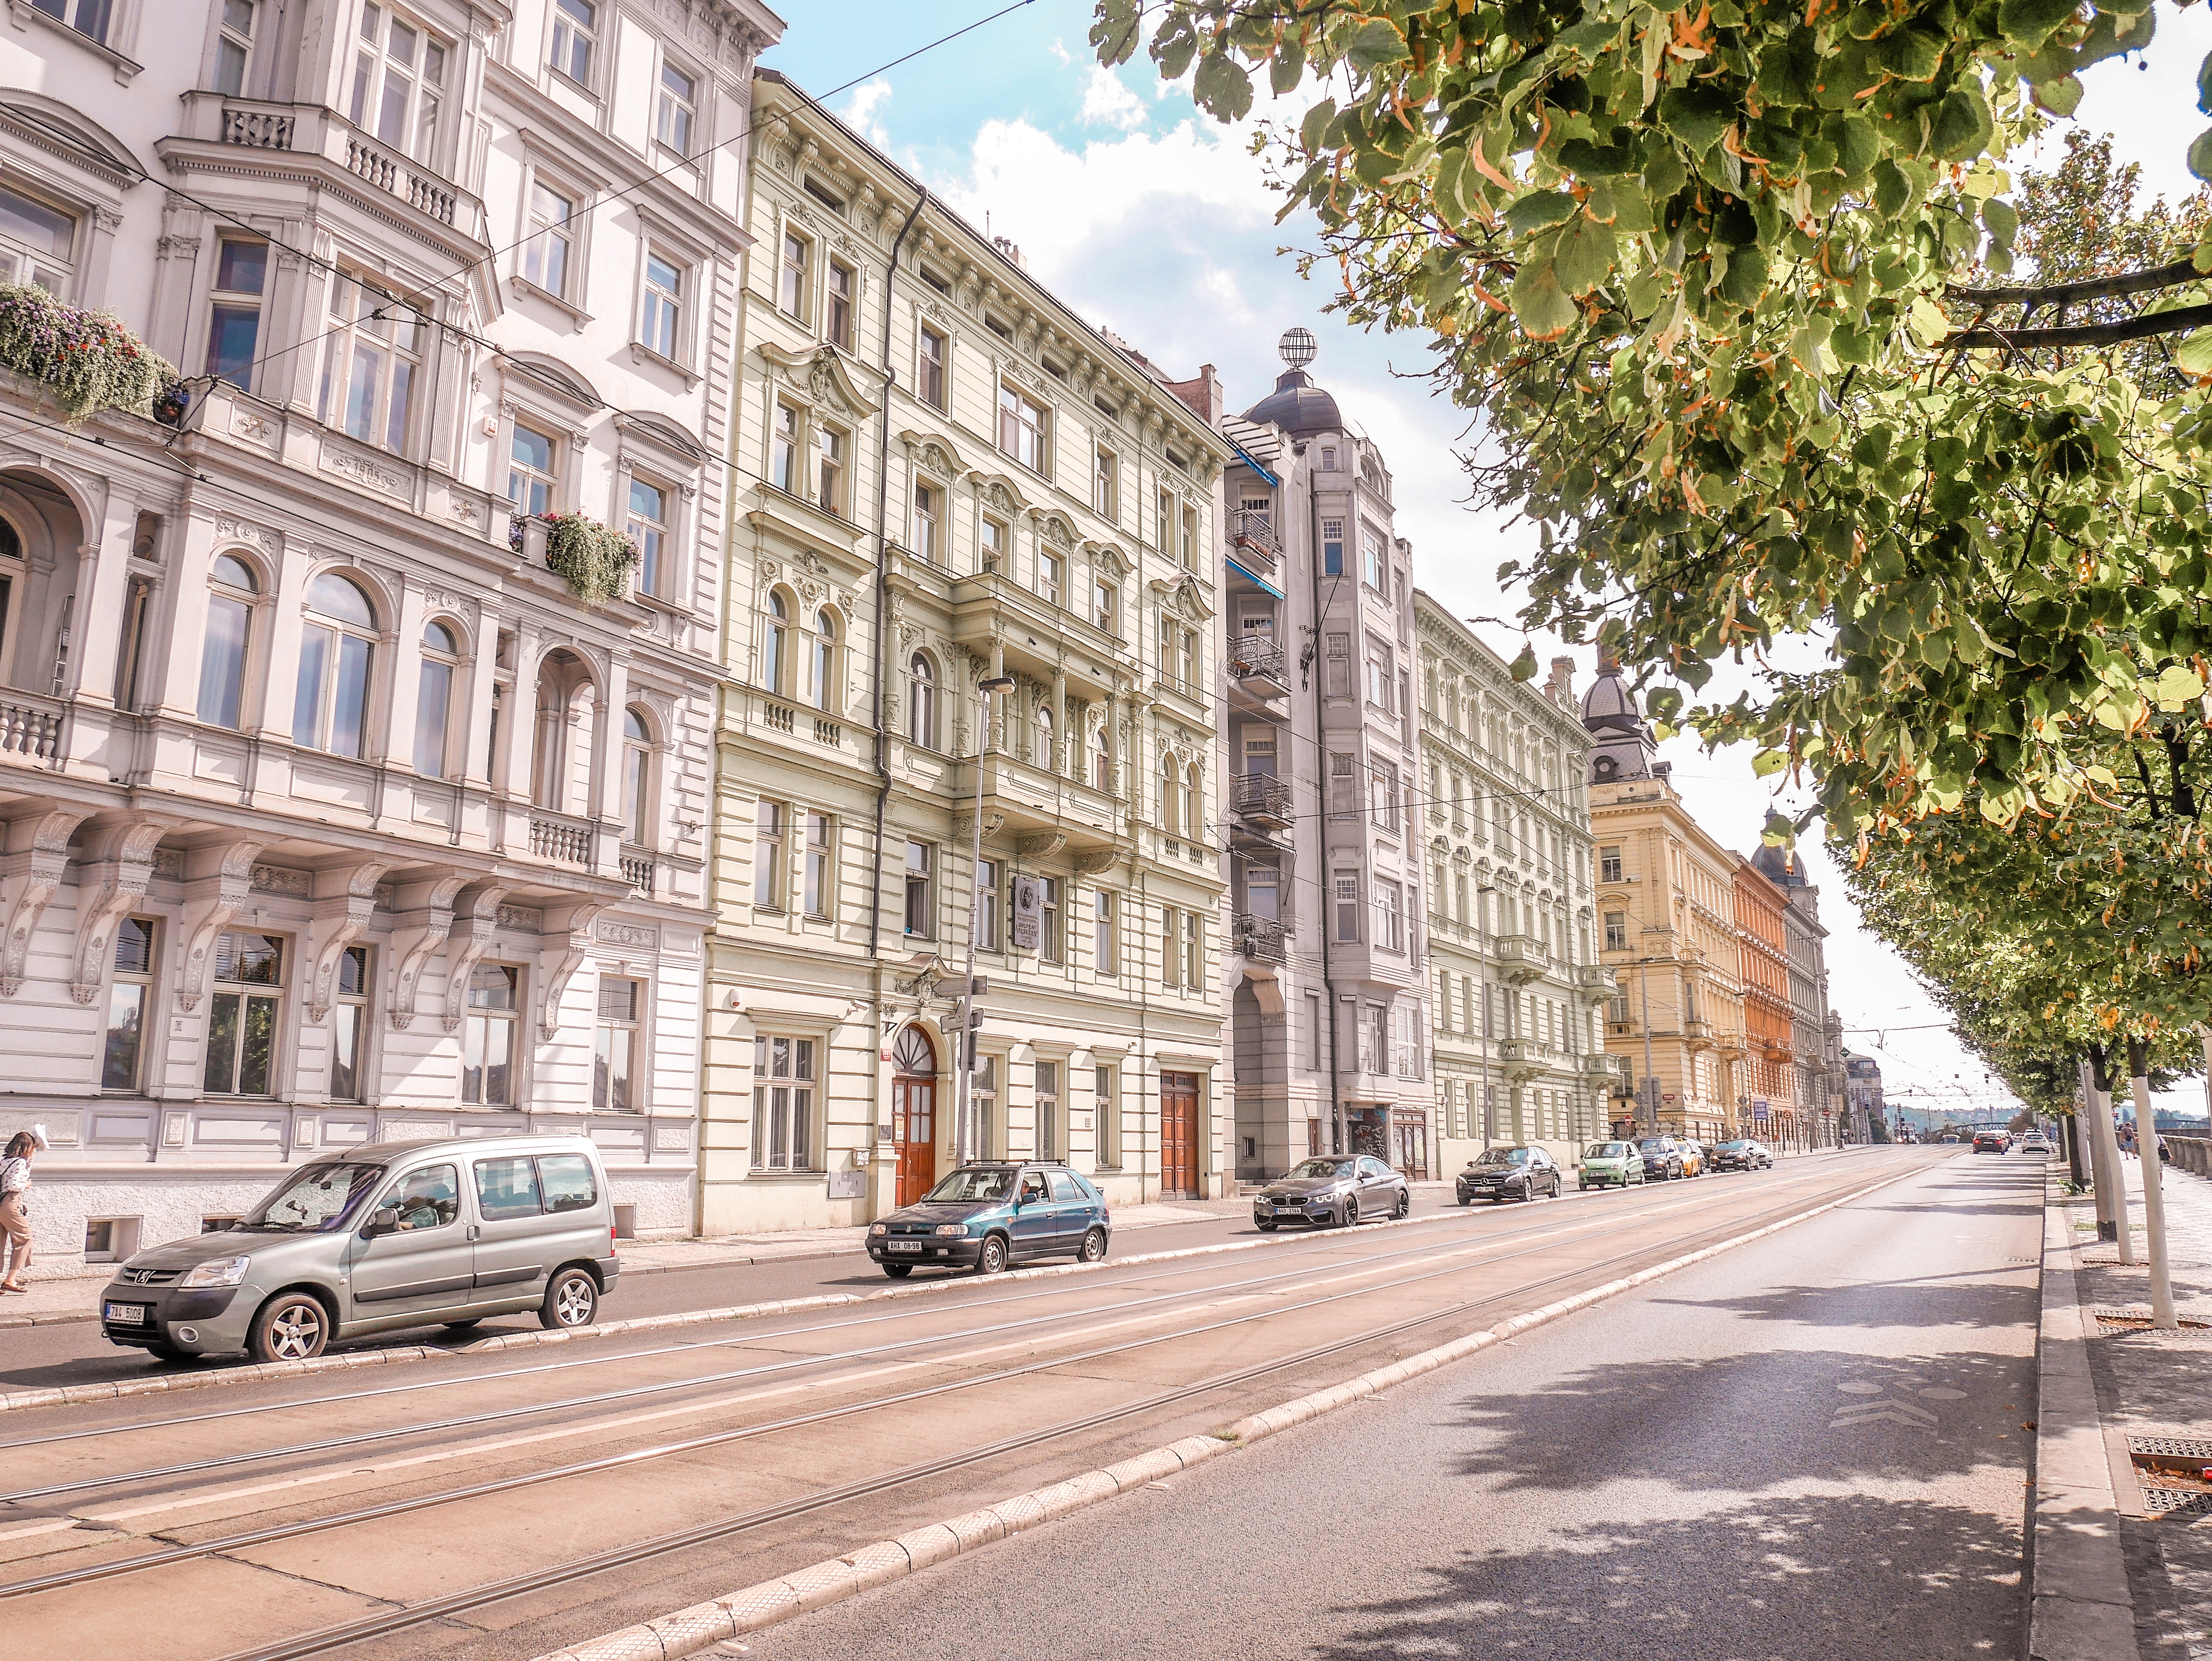 Prahan arkkitehtuuri.